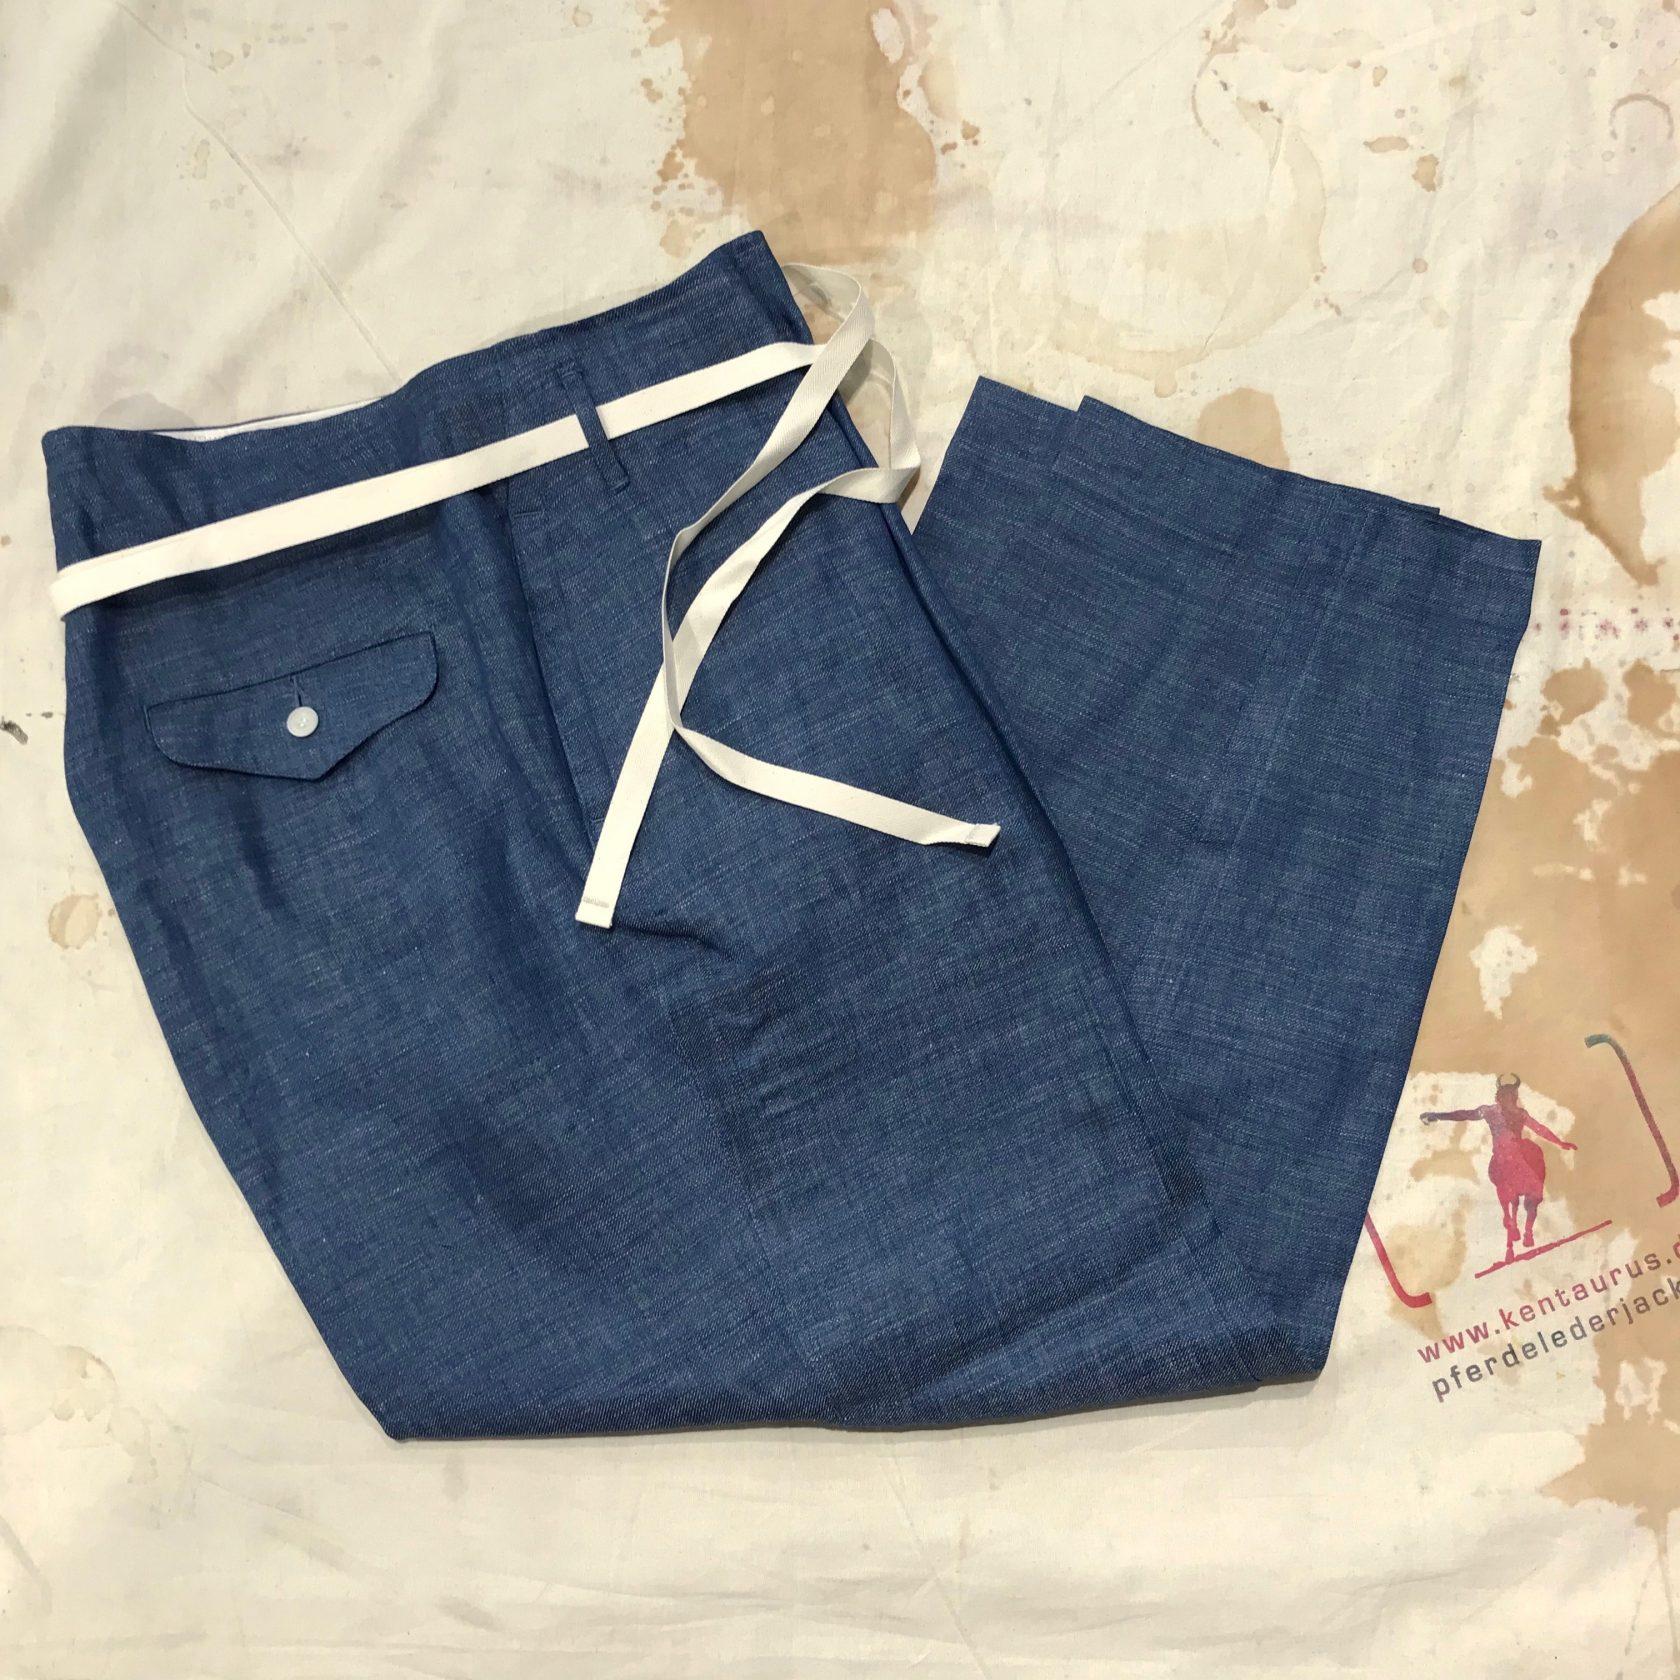 Haversack blue linen pant